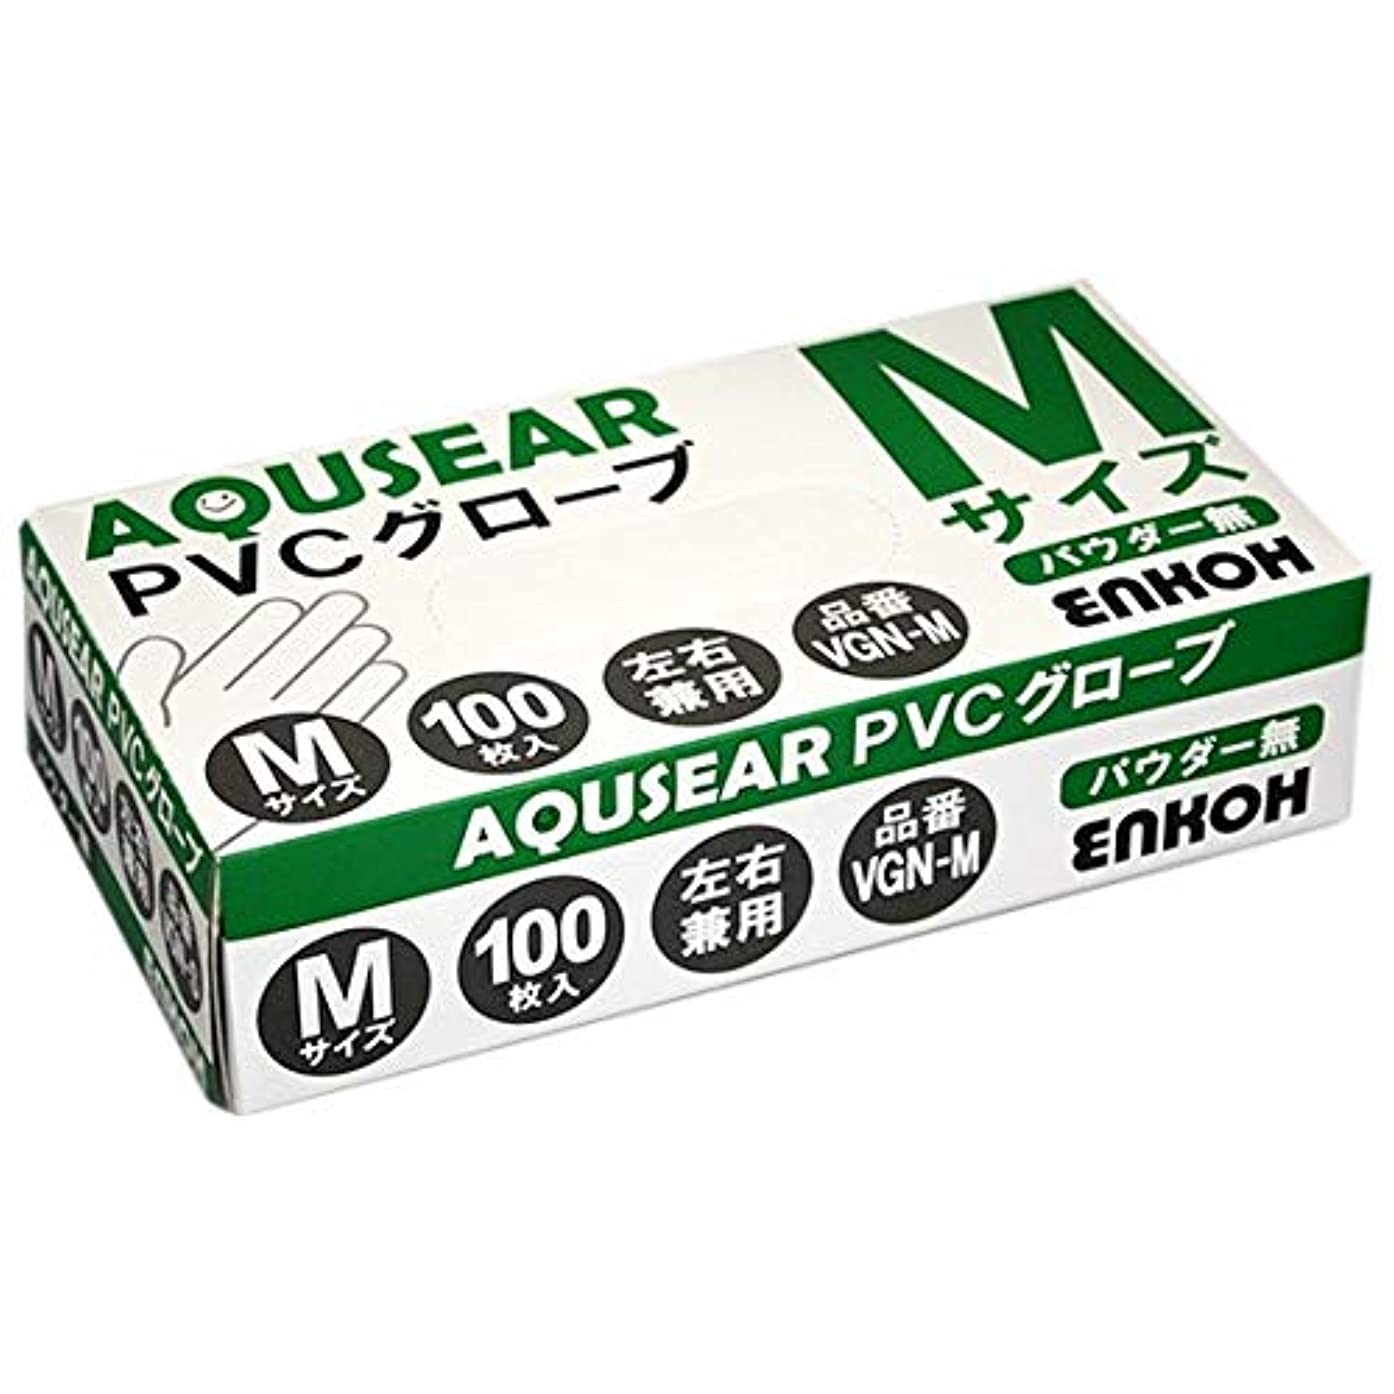 平和なハチ行列AQUSEAR PVC プラスチックグローブ Mサイズ パウダー無 VGN-M 100枚×20箱